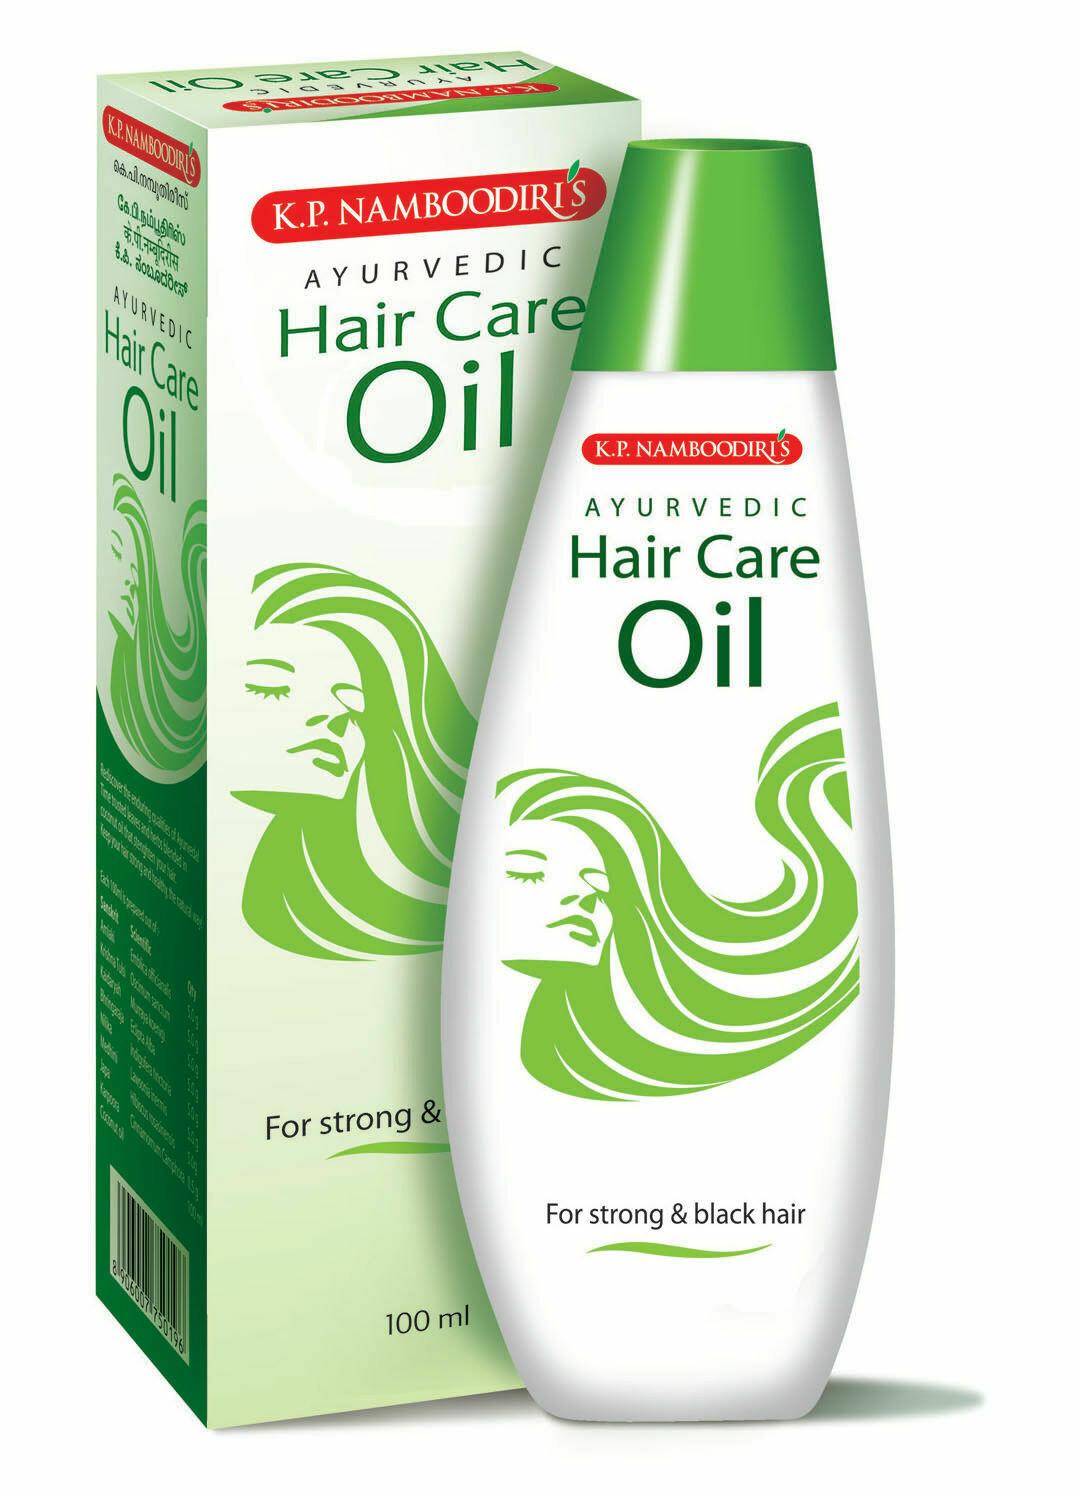 K.P. Namboodiri's Ayurvedic Hair Care Oil